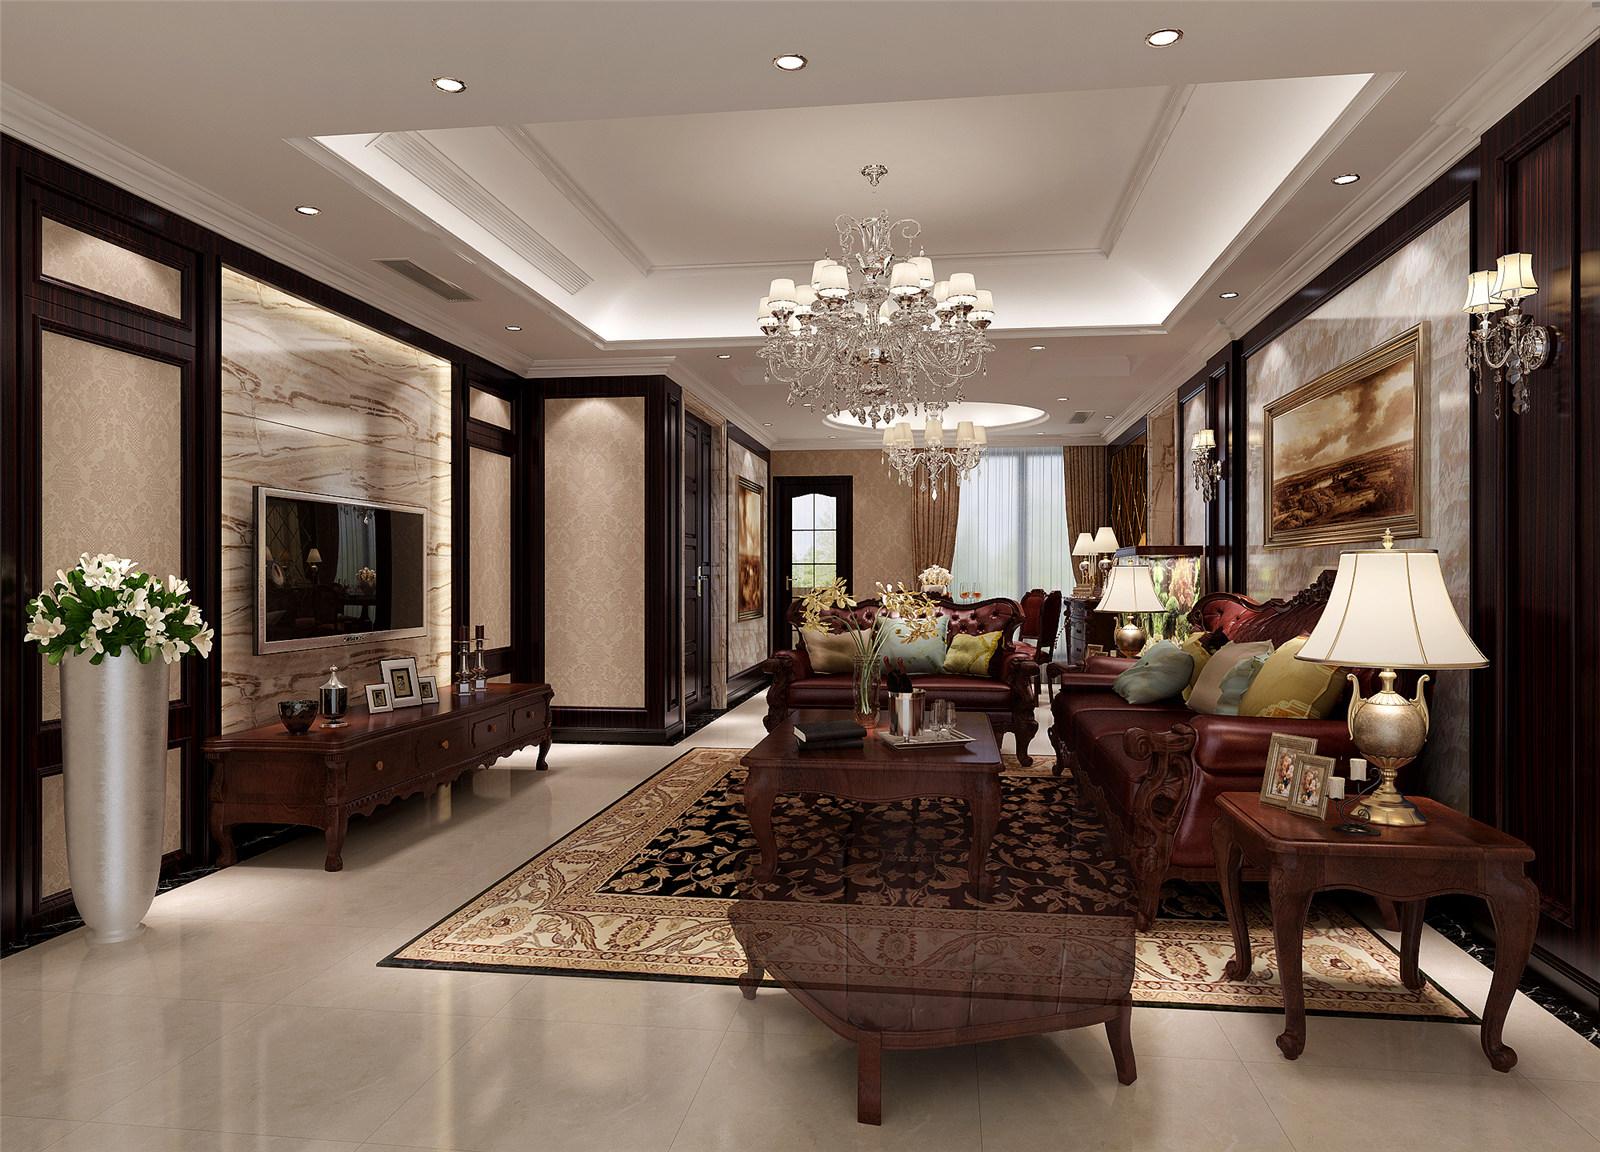 古北大城公 装修设计 美式风格 腾龙设计 季蓓菁作品 客厅图片来自腾龙设计在古北大城公馆装修美式风格设计的分享